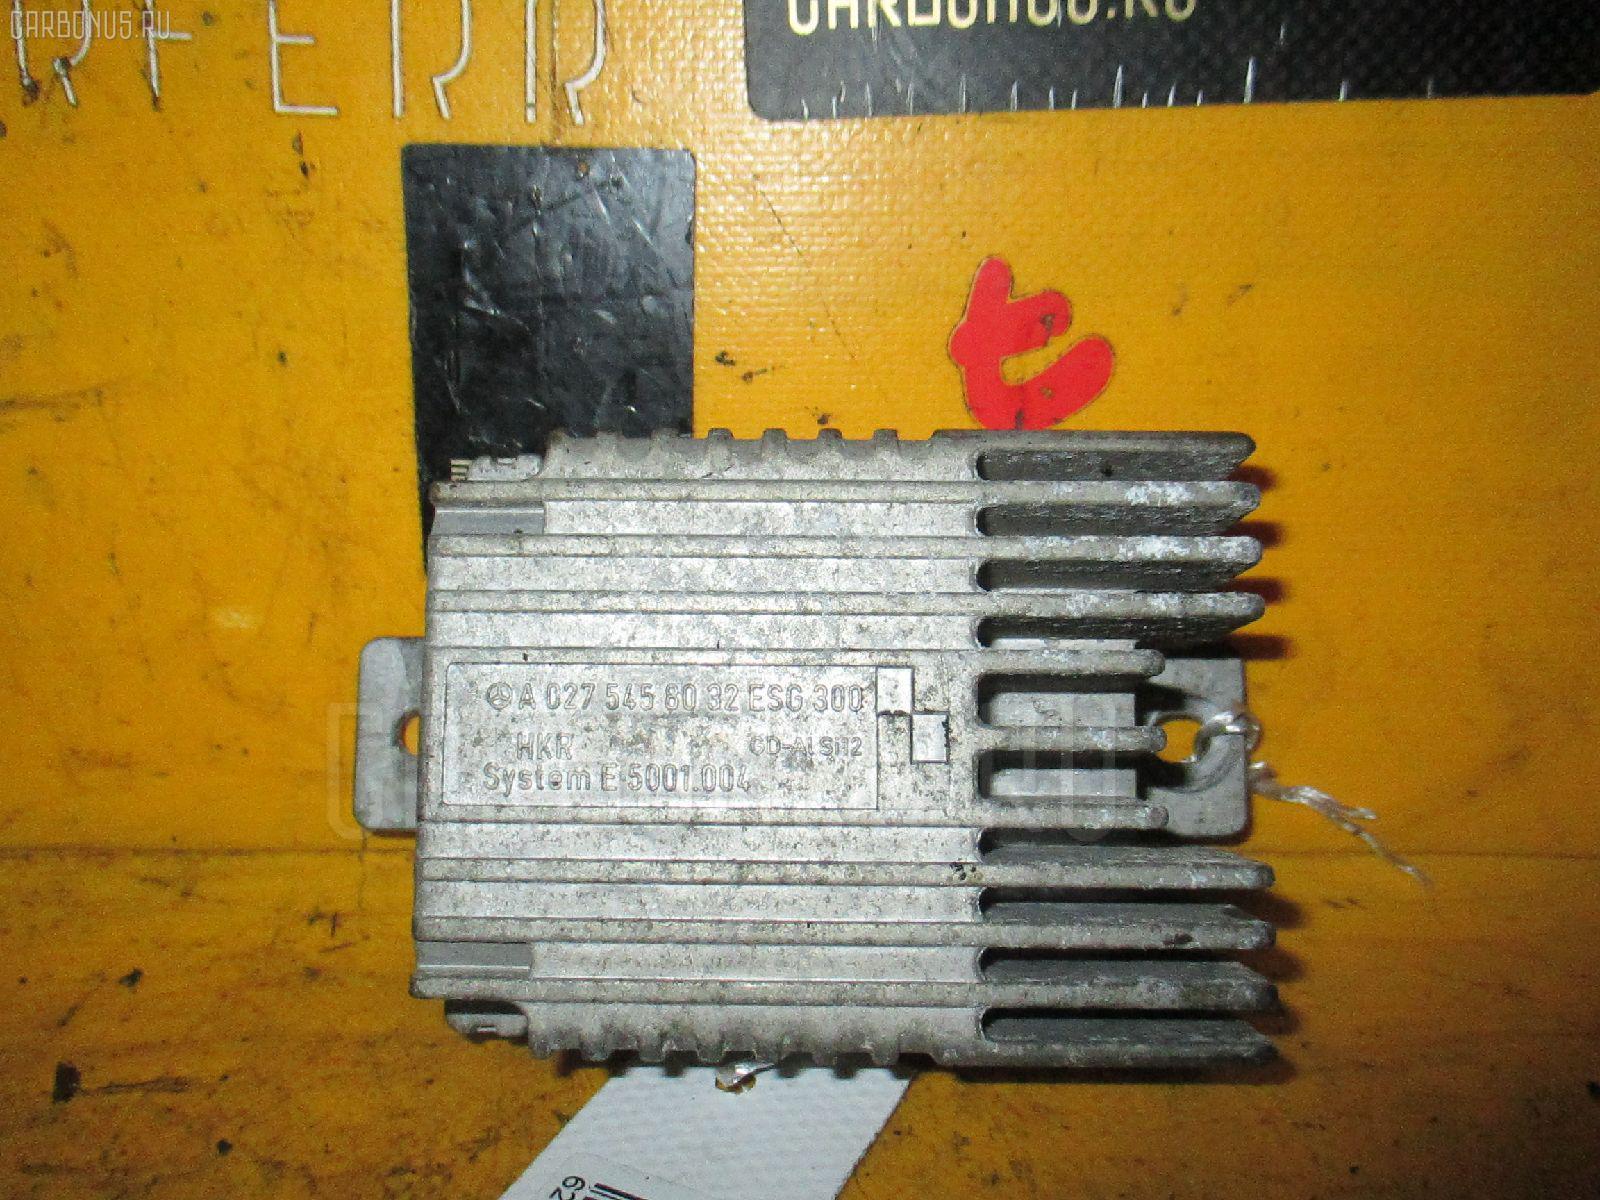 Блок управления вентилятором MERCEDES-BENZ E-CLASS W210.070 113.940 Фото 3